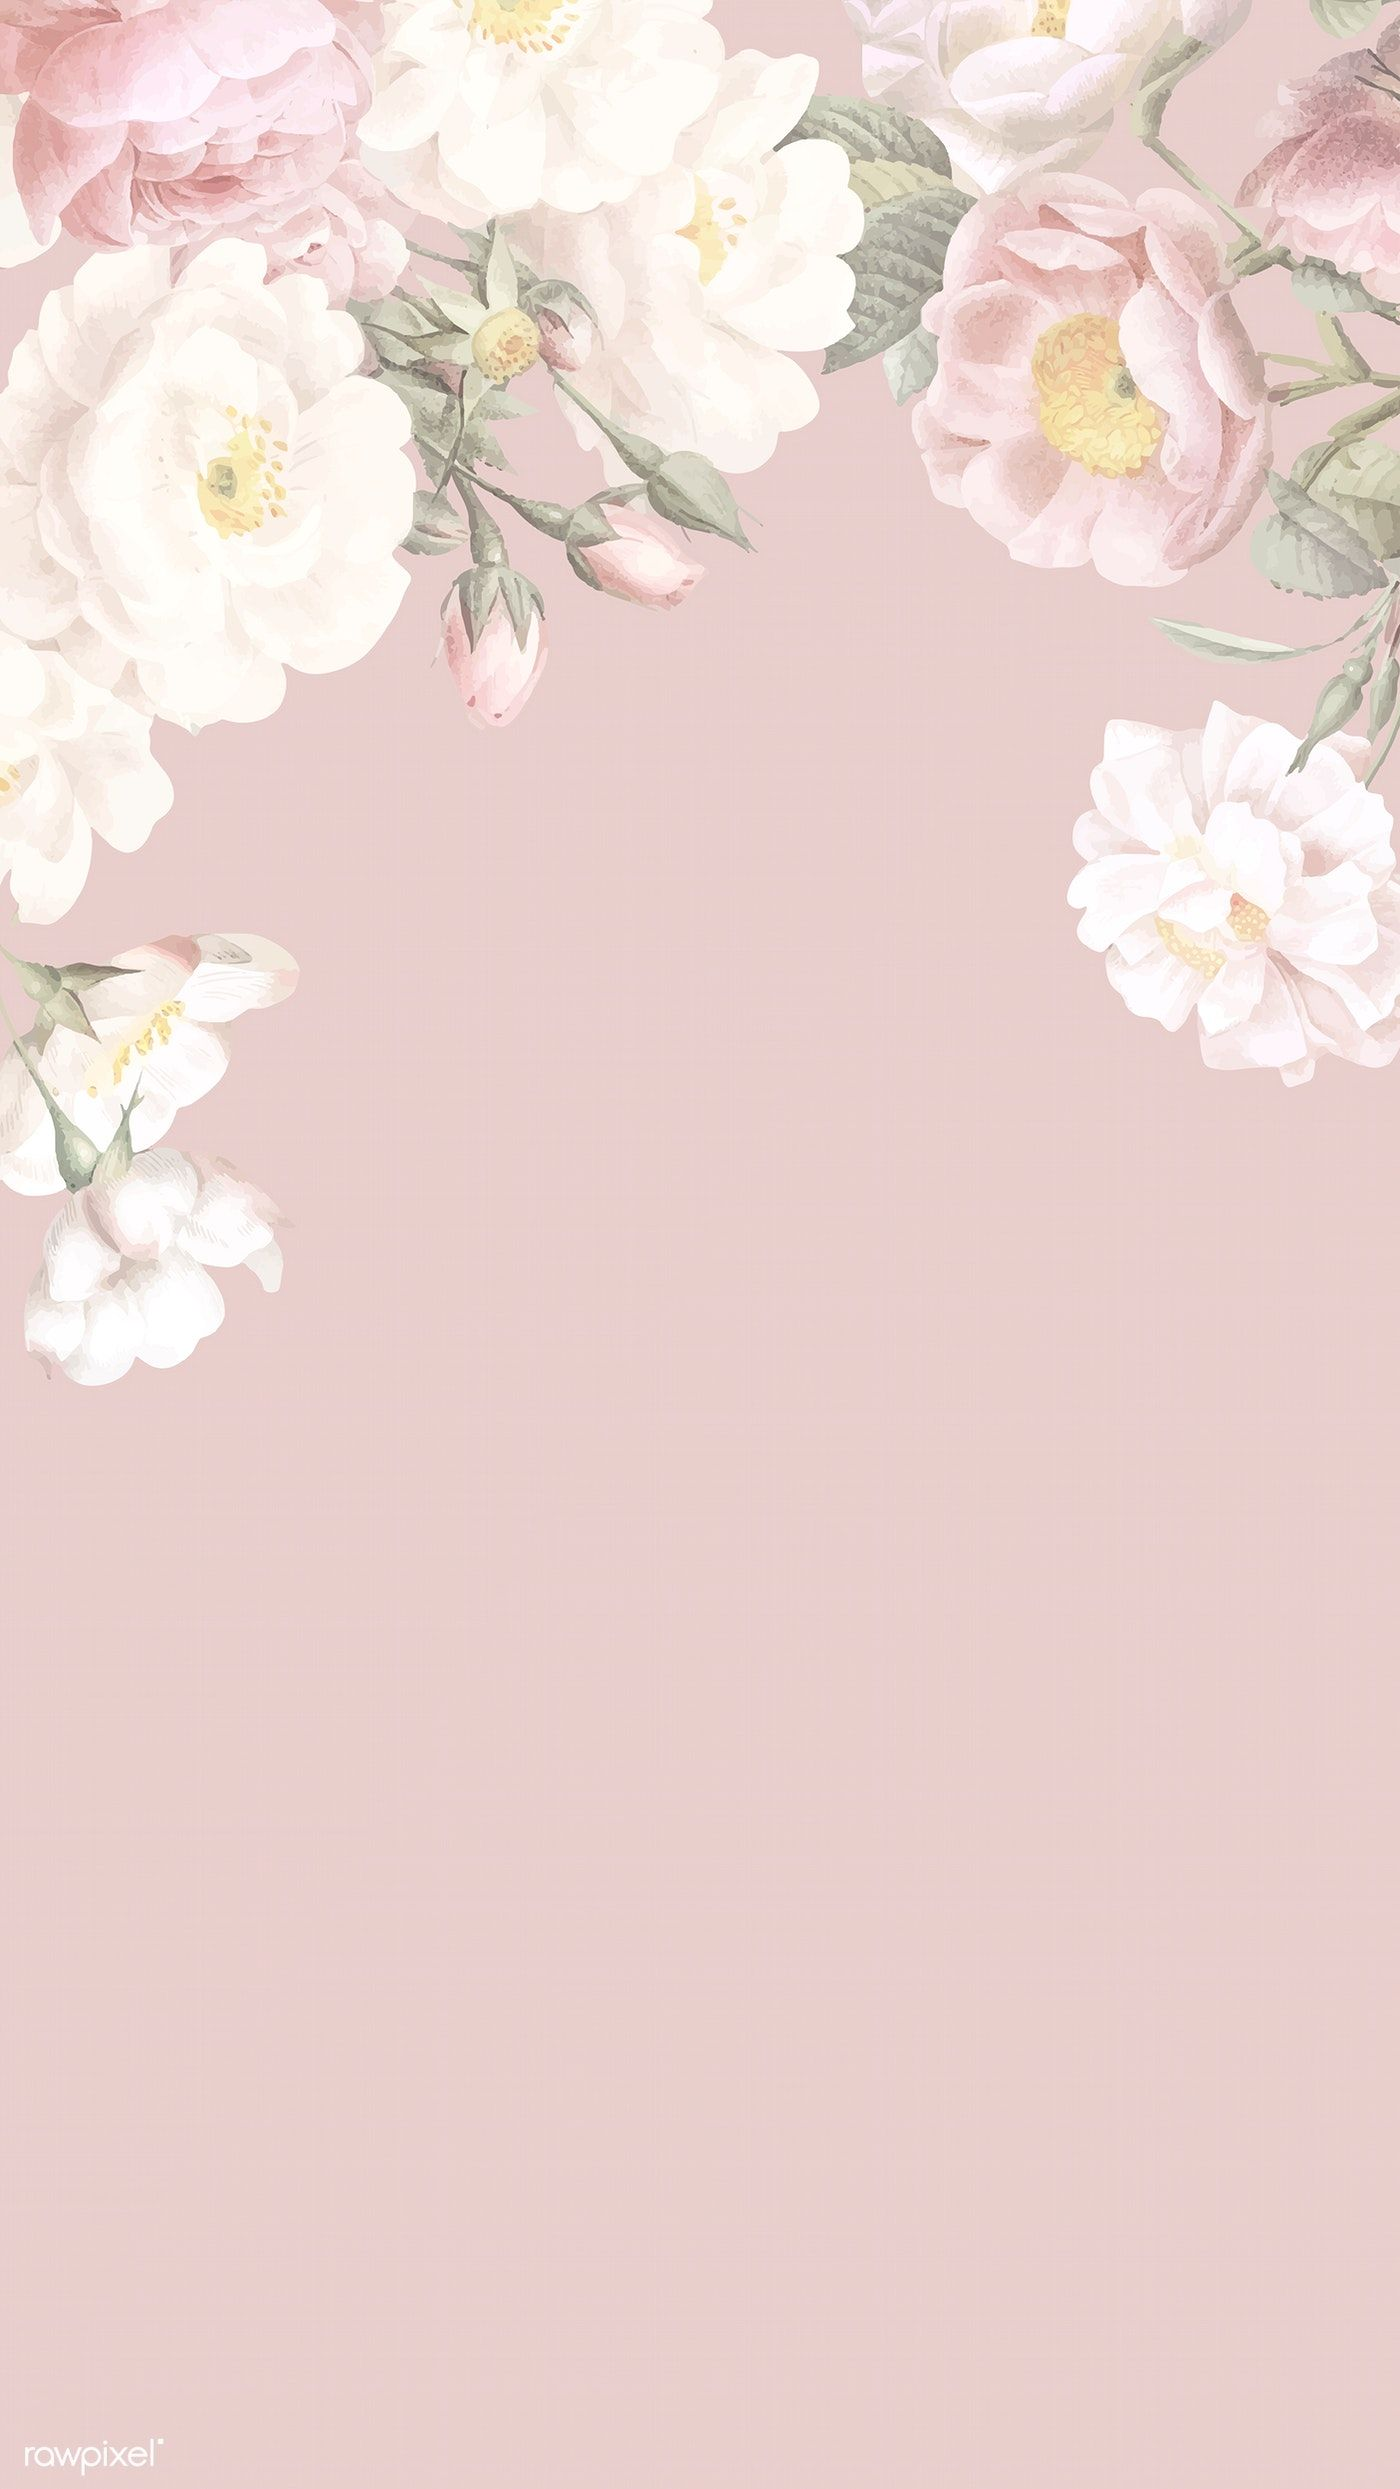 Download premium illustration of Elegant floral frame design vector 842454